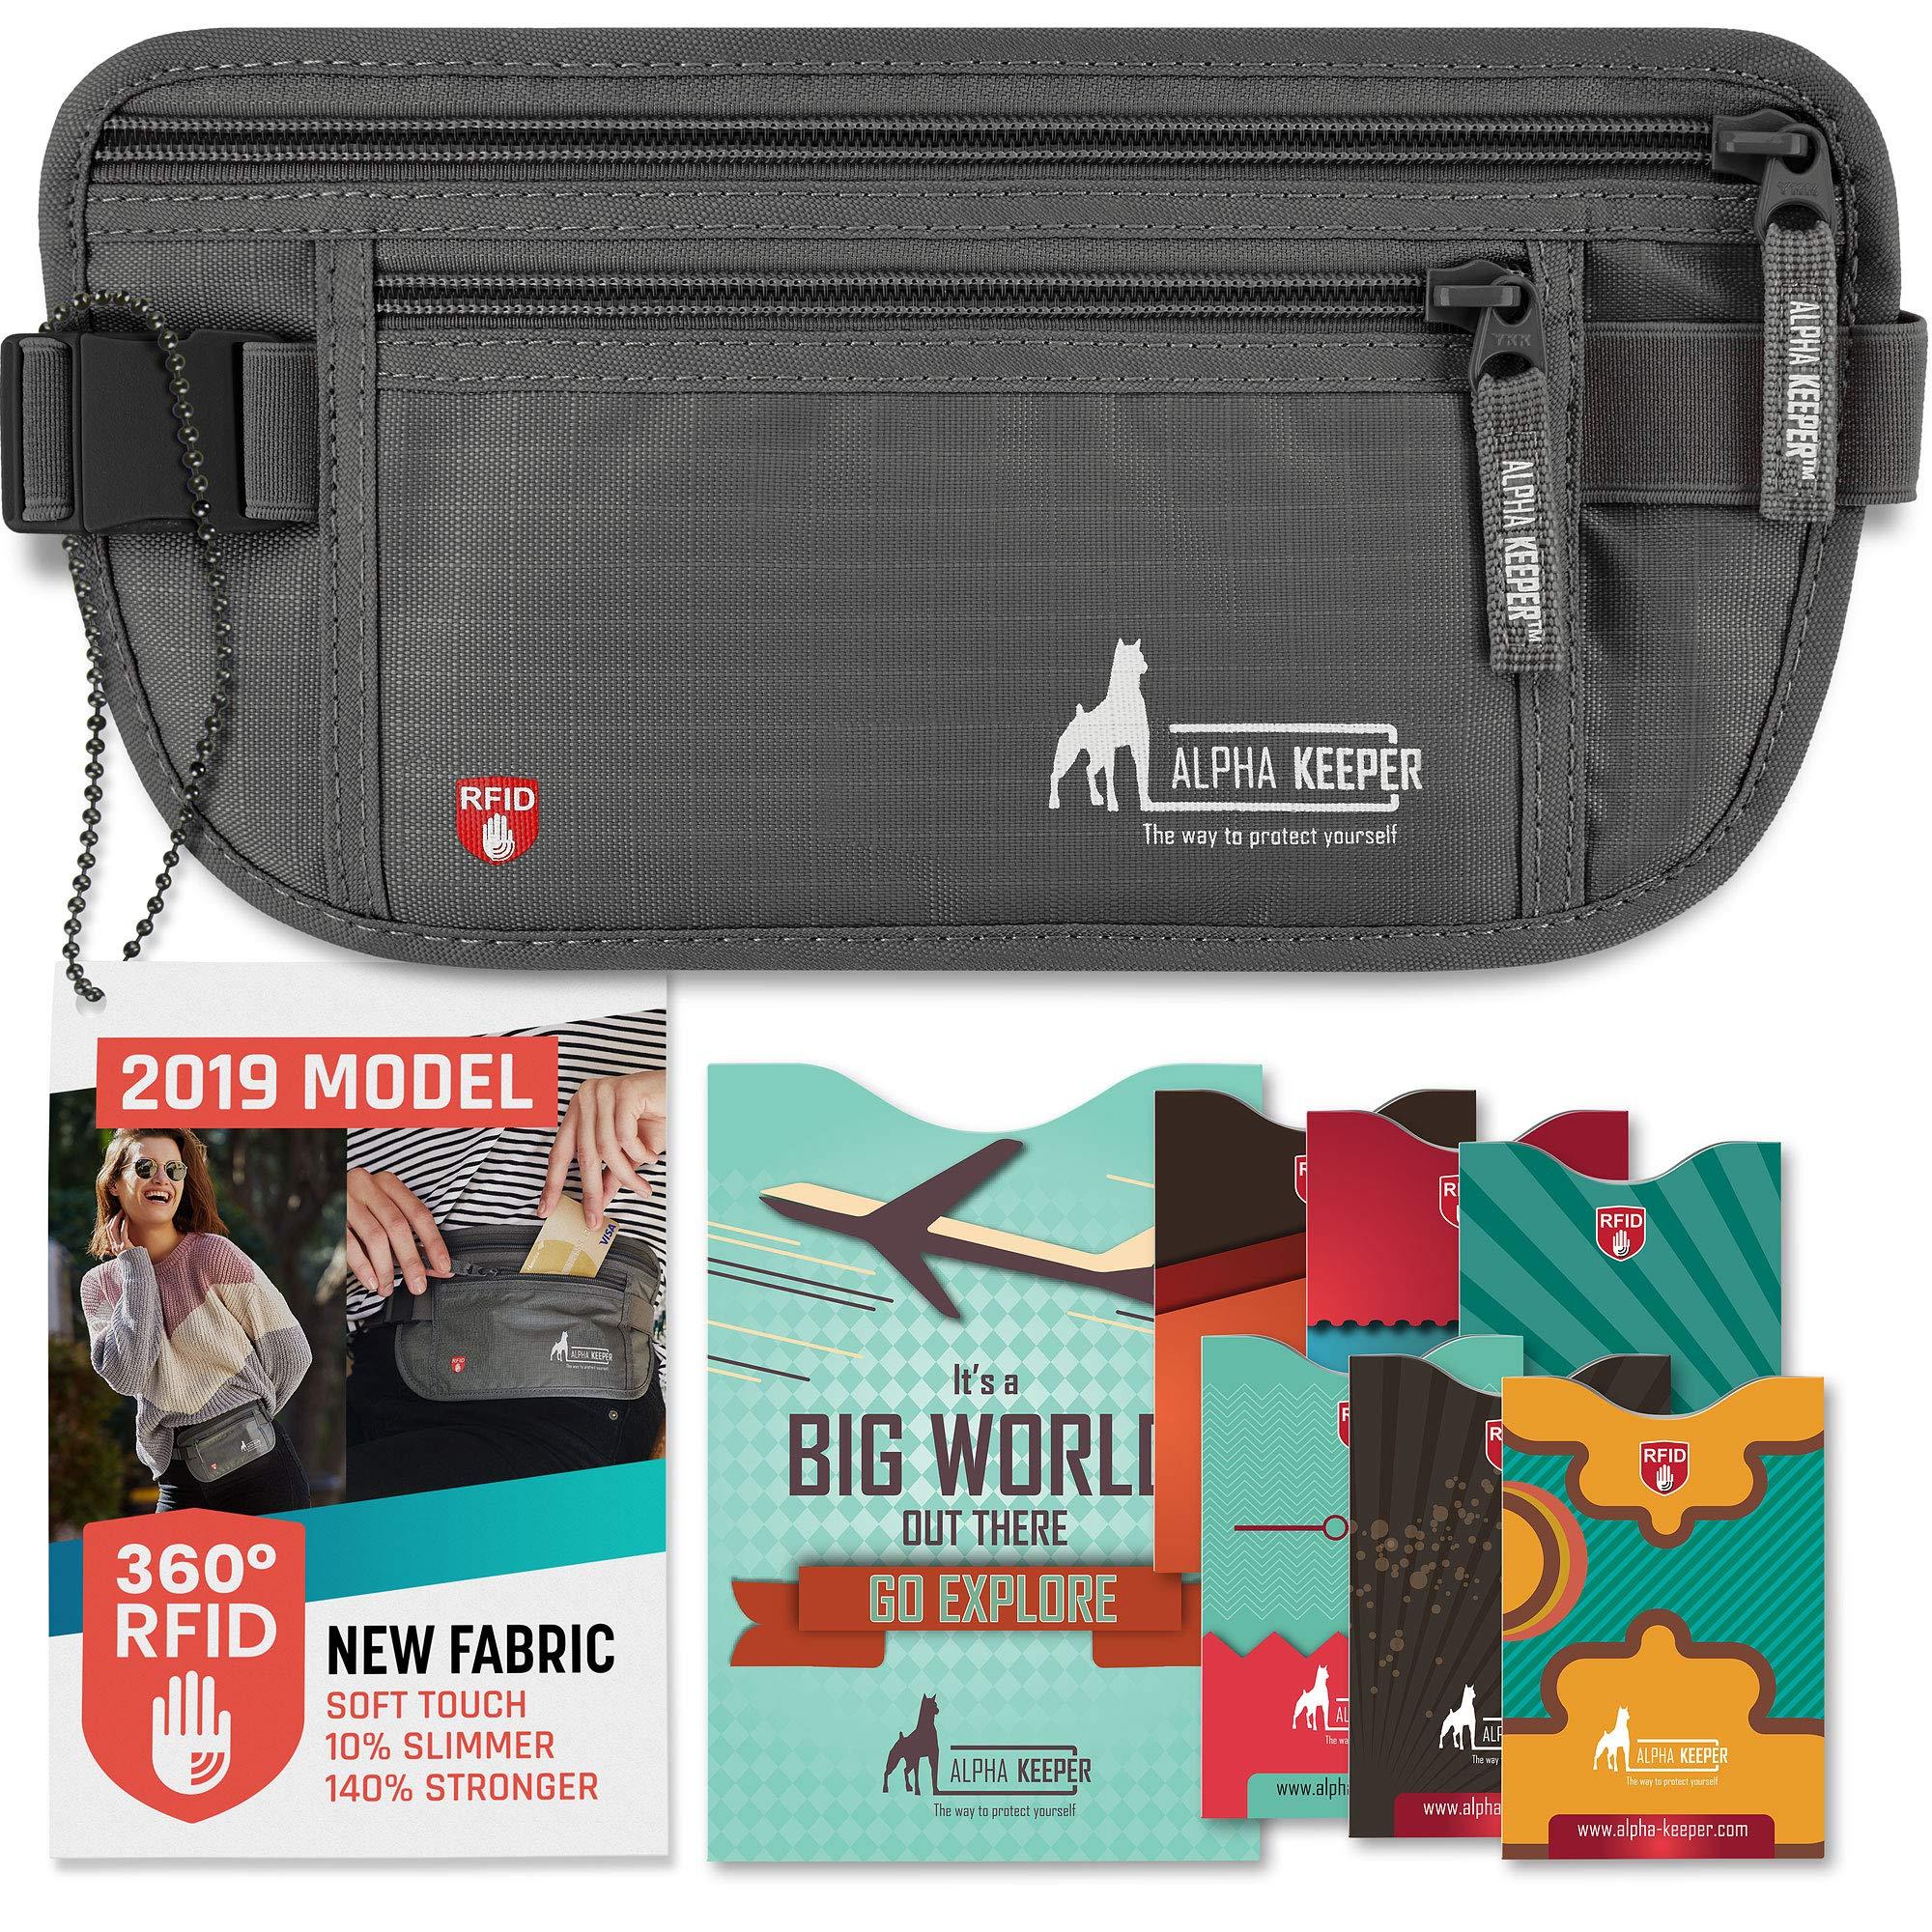 Cinturón para Dinero RFID para Viajar con Fundas de Bloqueo RFID para el Uso Diario,